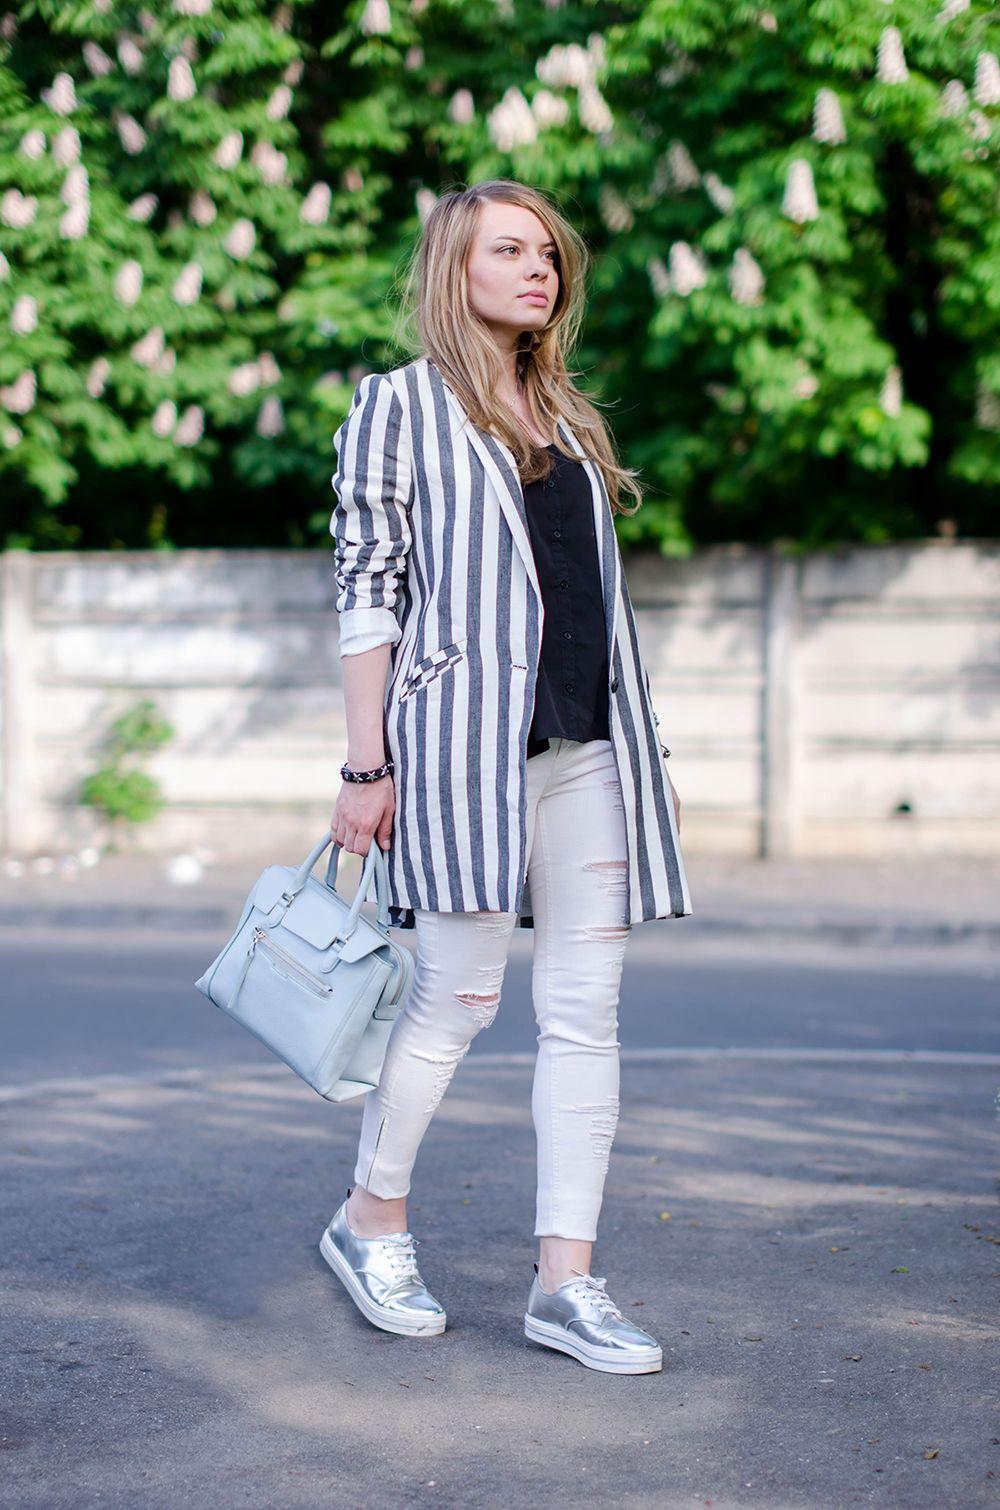 49e7b810d9b4 zara-striped-blazer-ripped-white-pants-silver-metallic-sneakers-bershka-zara -baby-blue-bag-outfit-fashion (7)